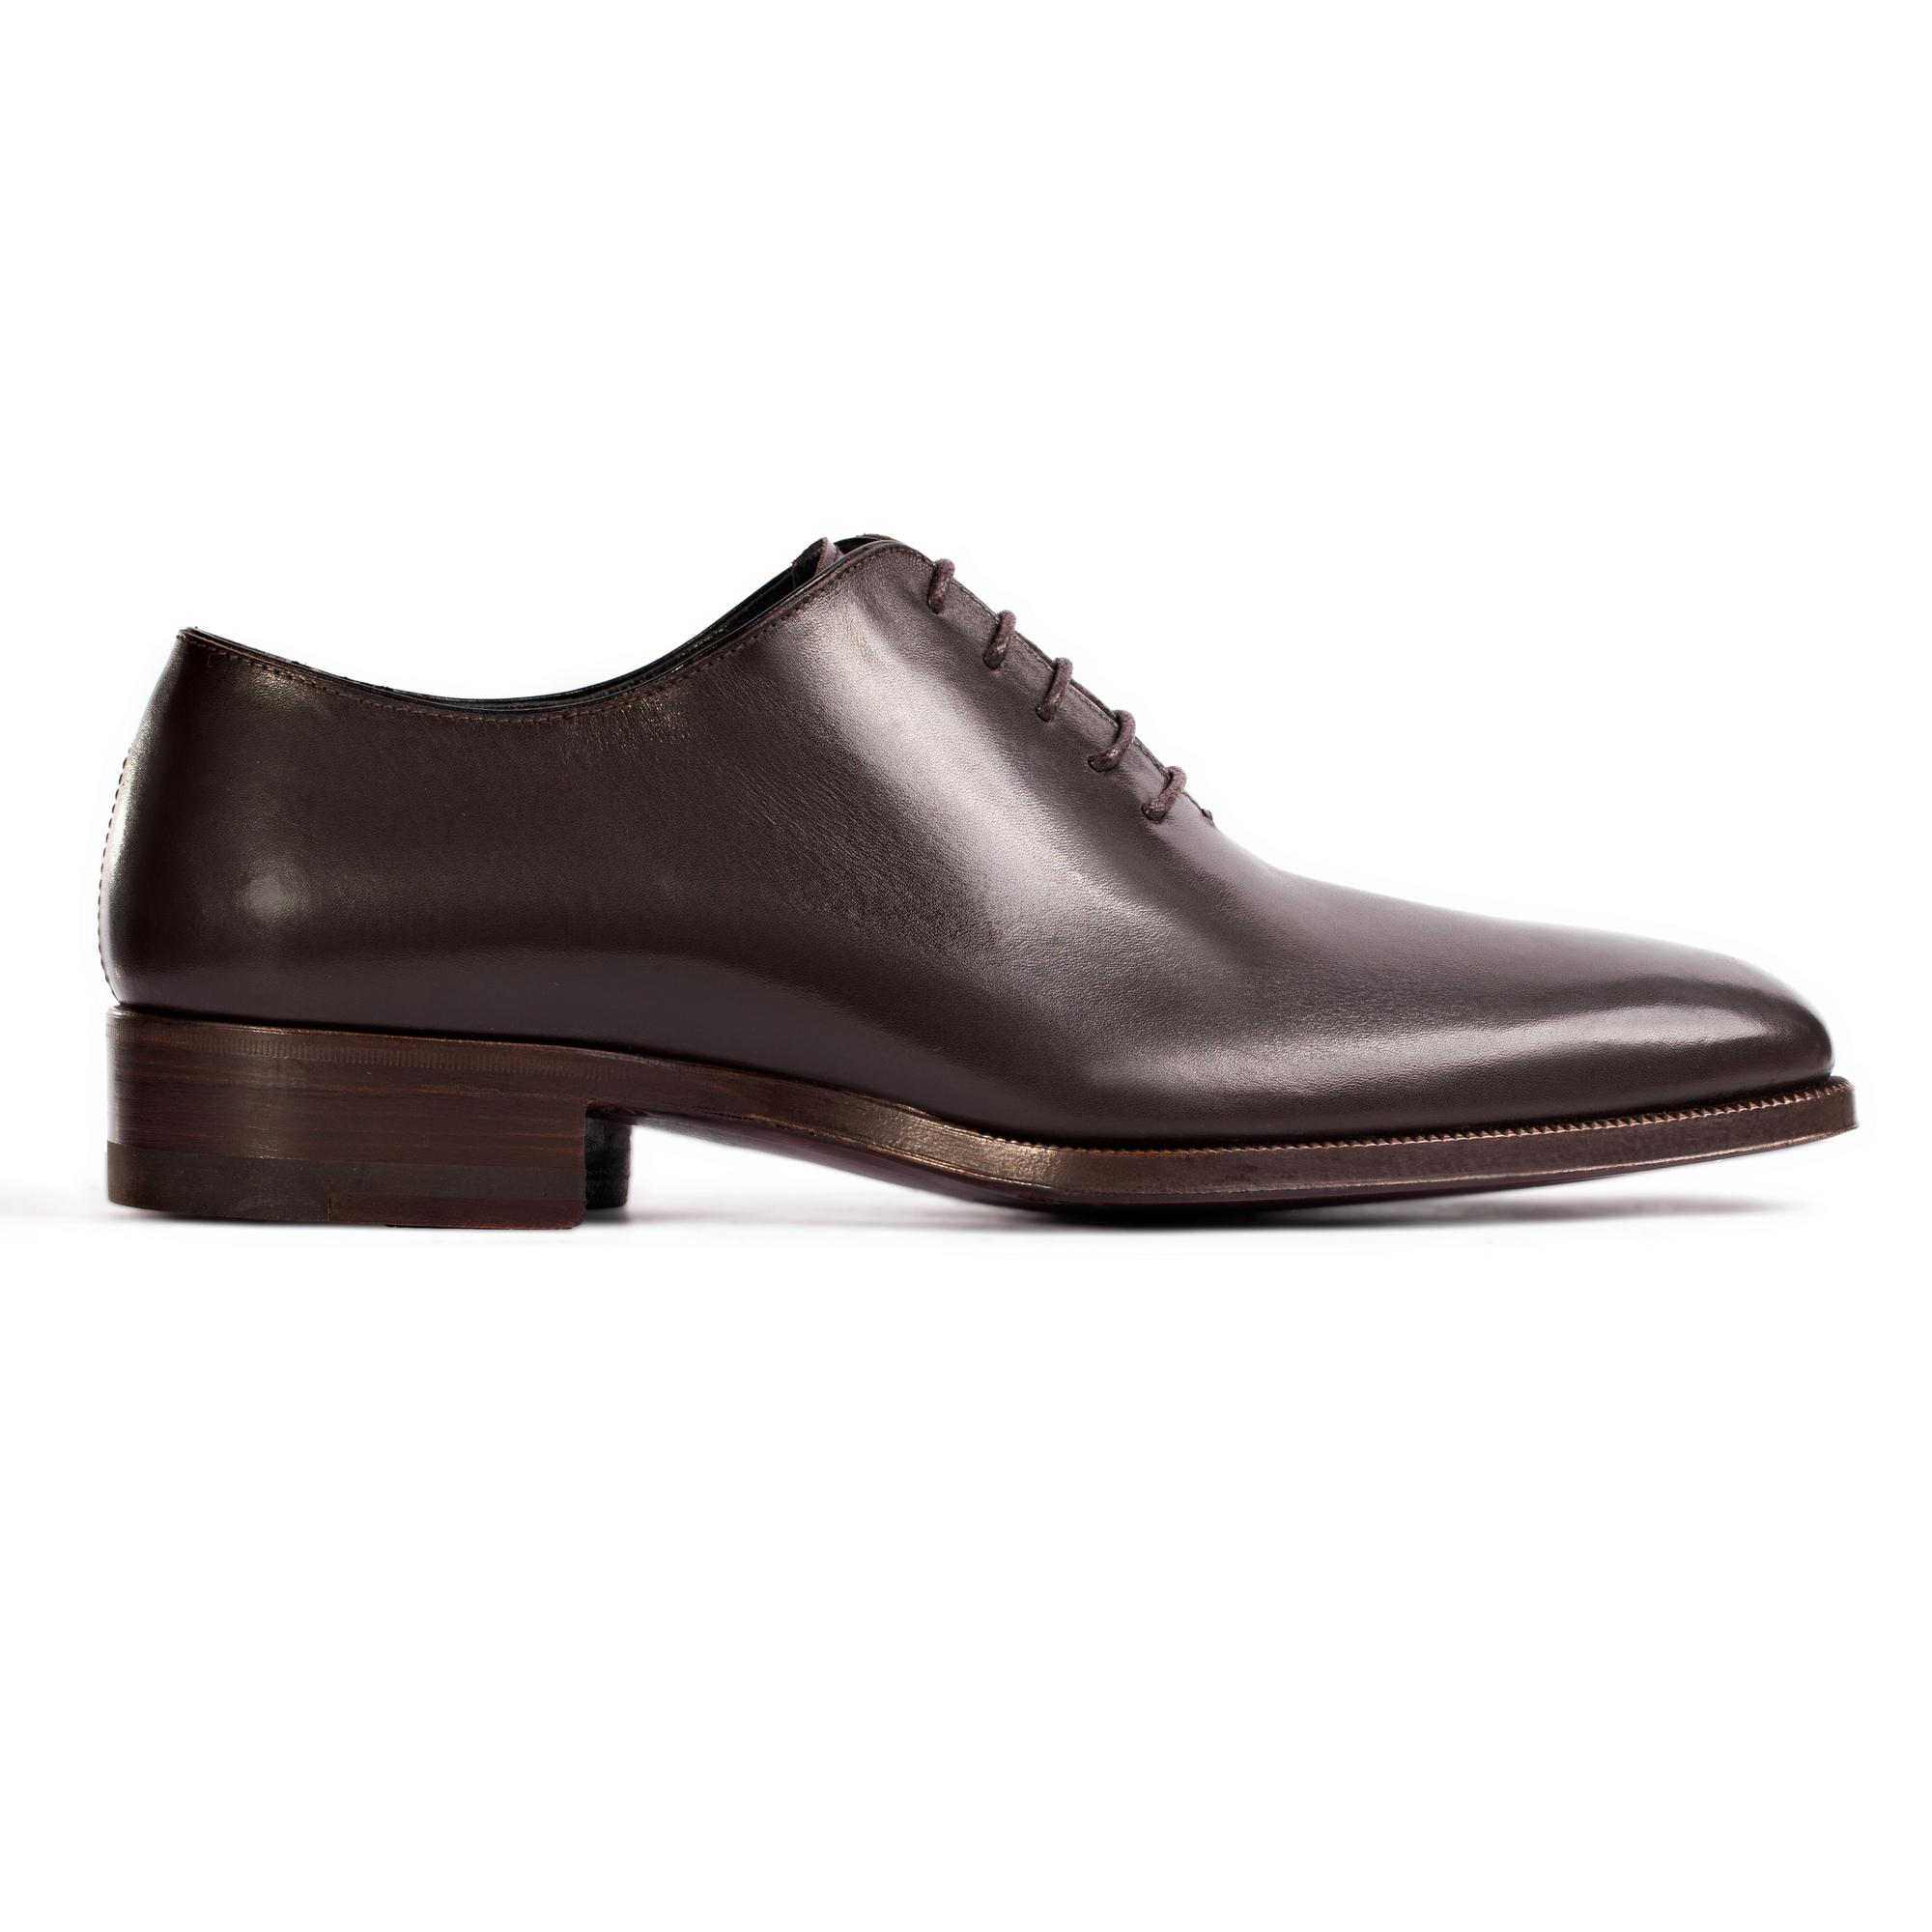 Ботинки из кожи кофейного цвета на шнуровкеПолуботинки мужские<br><br>Материал верха: Кожа<br>Материал подкладки: Кожа<br>Материал подошвы: Кожа<br>Цвет: Коричневый<br>Высота каблука: 1 см<br>Дизайн: Италия<br>Страна производства: Италия<br><br>Высота каблука: 1 см<br>Материал верха: Кожа<br>Материал подкладки: Кожа<br>Цвет: Коричневый<br>Пол: Мужской<br>Вес кг: 1.10000000<br>Размер обуви: 39